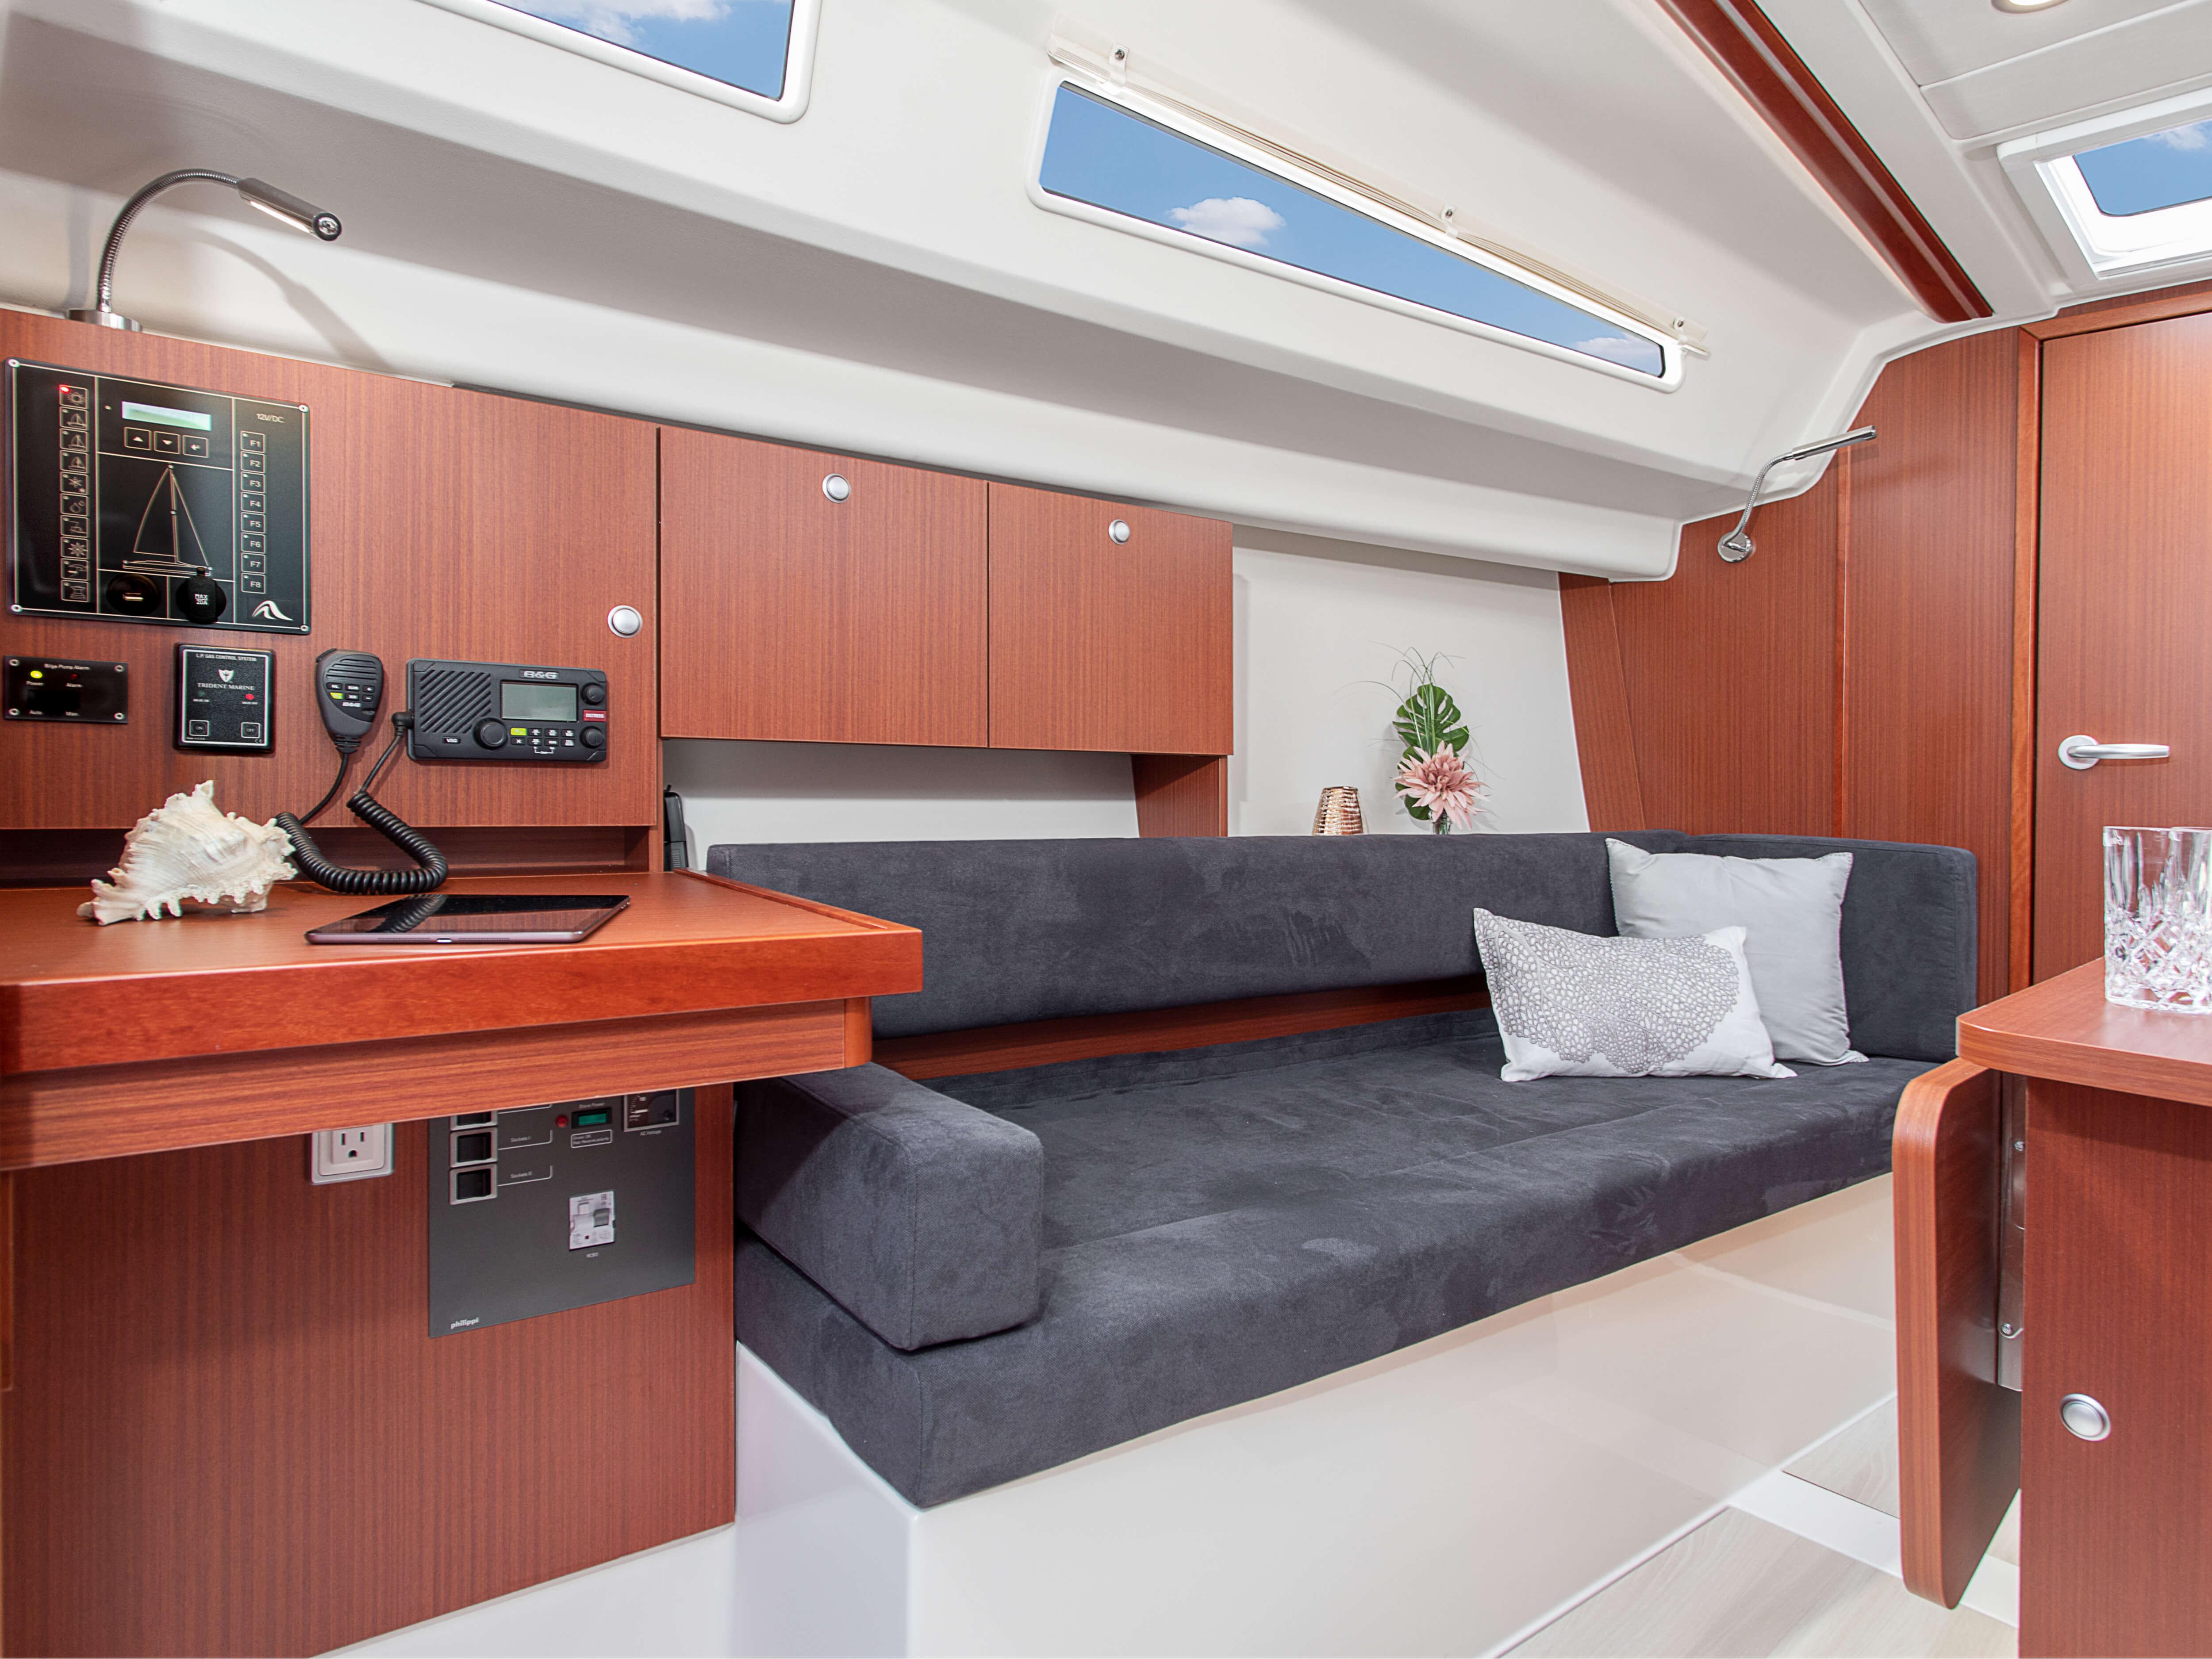 Hanse 315 Salon | Çeşitli yerleşim seçenekleri ve kaliteli kumaşlar, zarif ahşaplar, moda renkler, seçkin zemin malzemeleri ve şık mobilyaların dahil olduğu geniş kombinasyon seçenekleri sayesinde HANSE'nizi kendinize özel, benzersiz bir yata dönüştürebilirsiniz. | Hanse